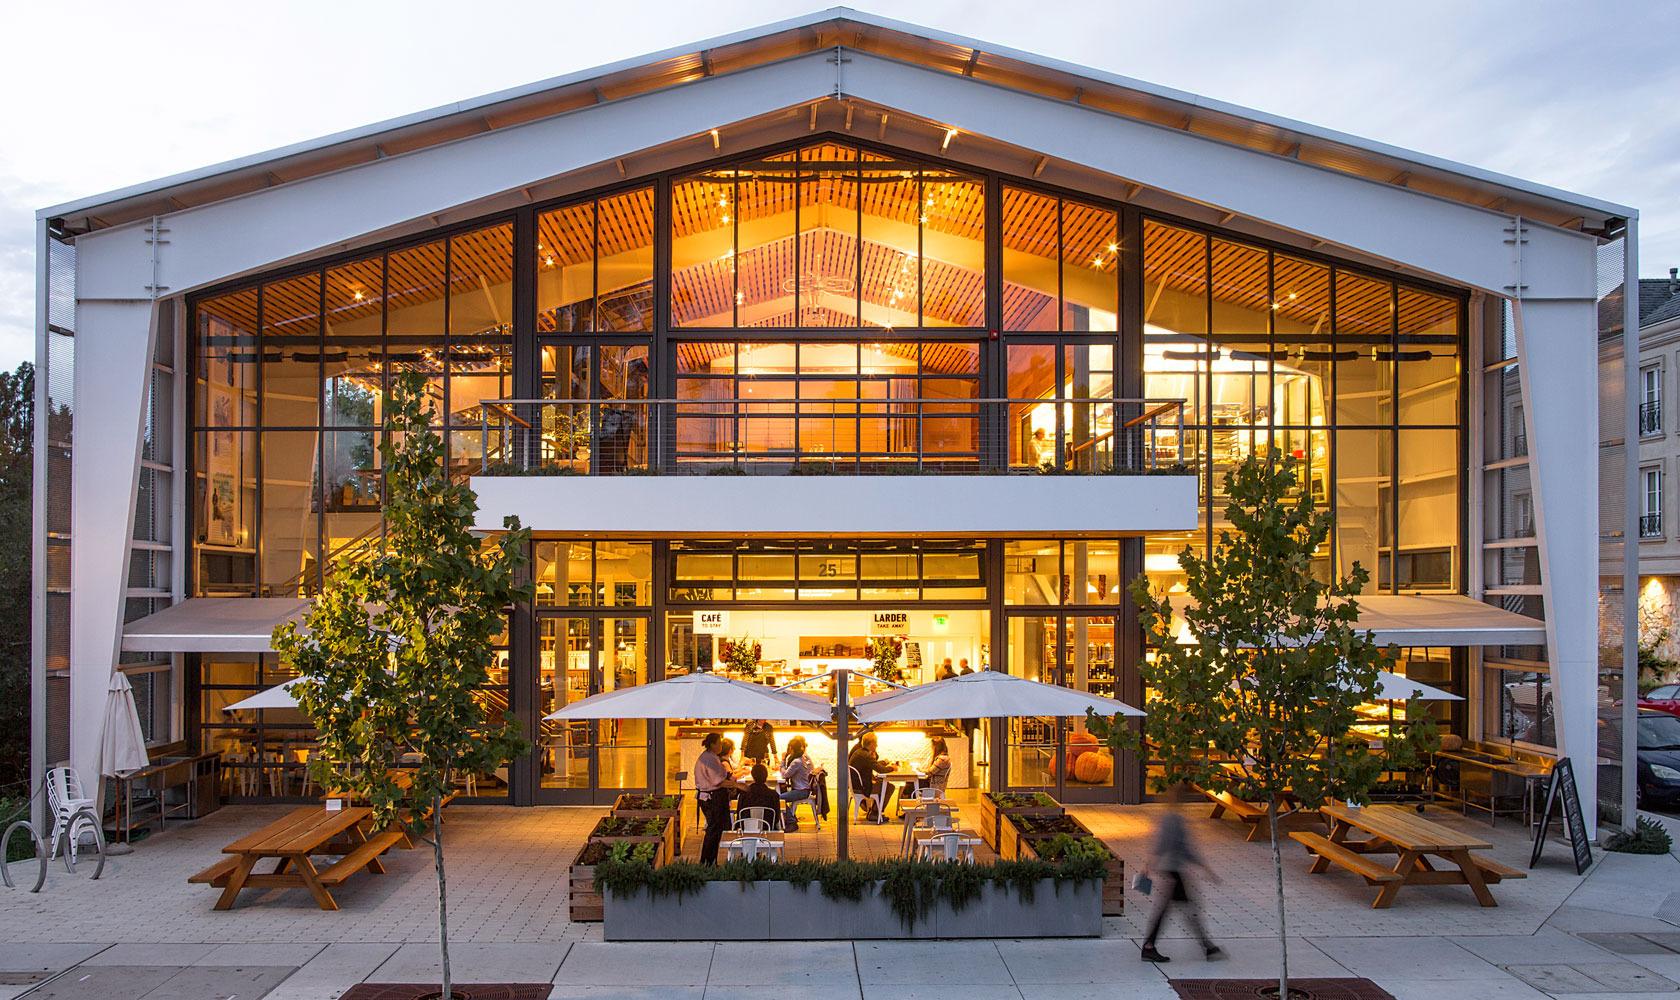 Visit SHED in Healdsburg - Exterior building